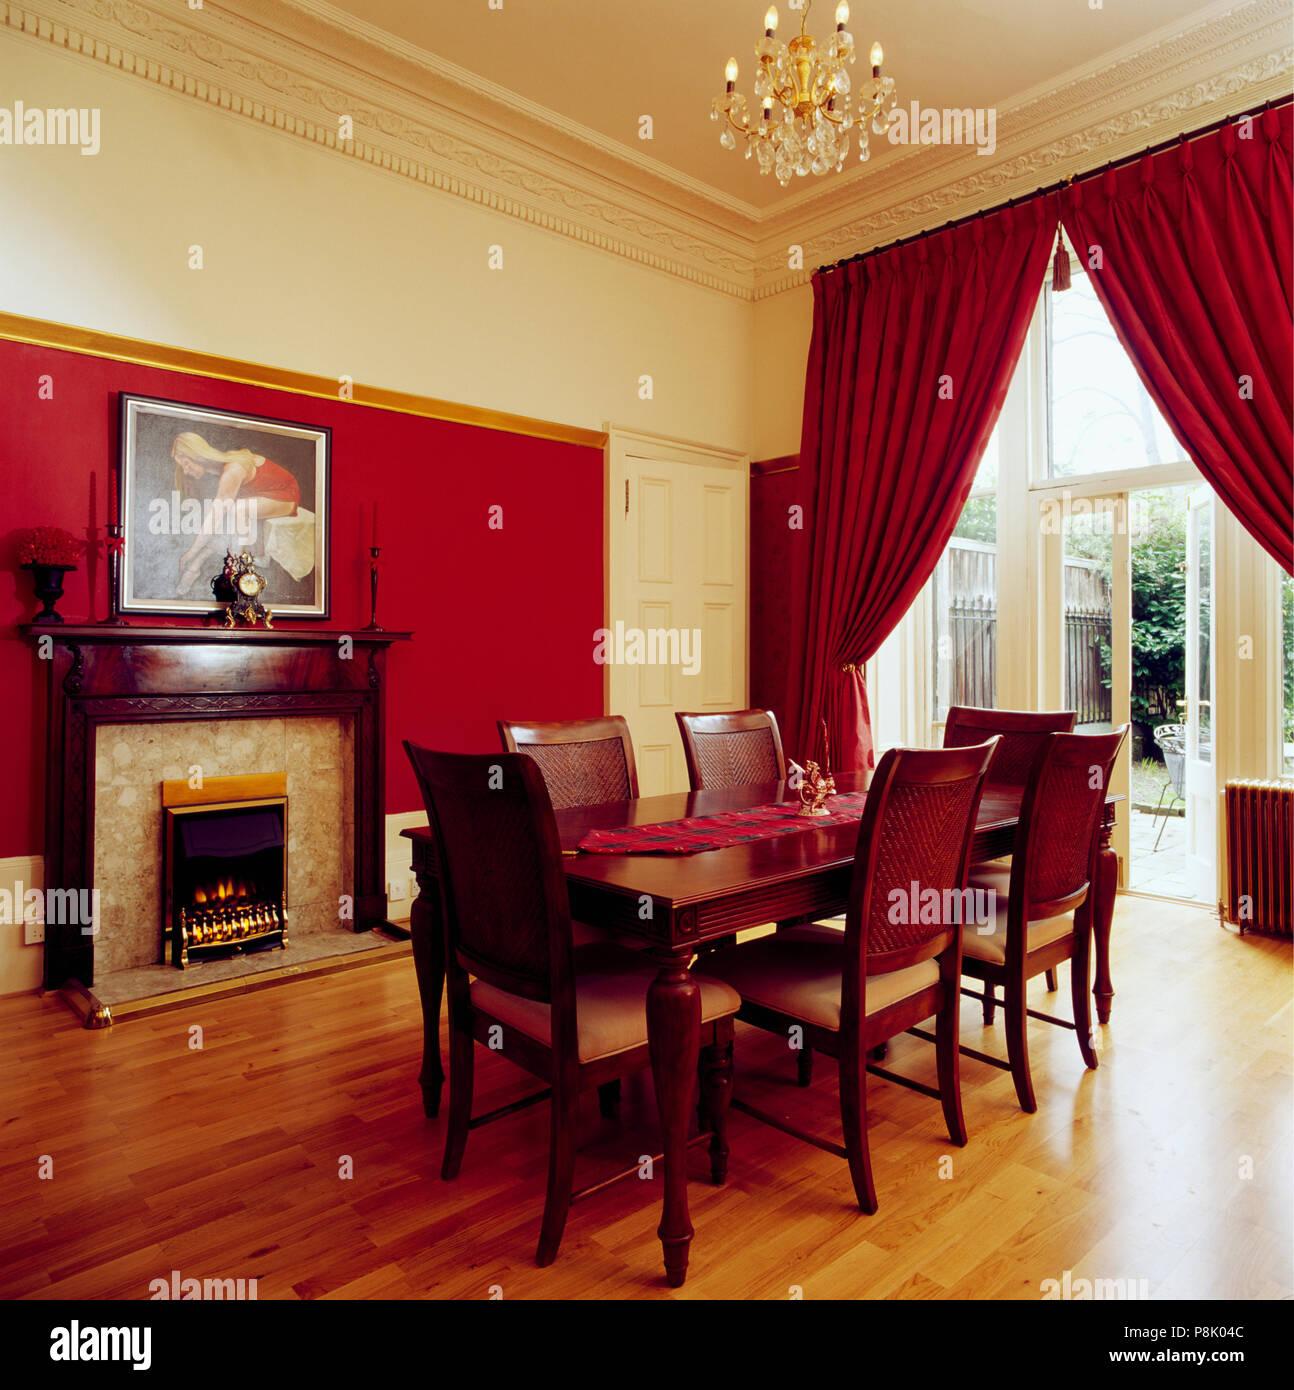 Wunderbar Roten Vorhängen Und Holzböden In Esszimmer Mit Kamin In Rote Wand Unten  Creme Cornce